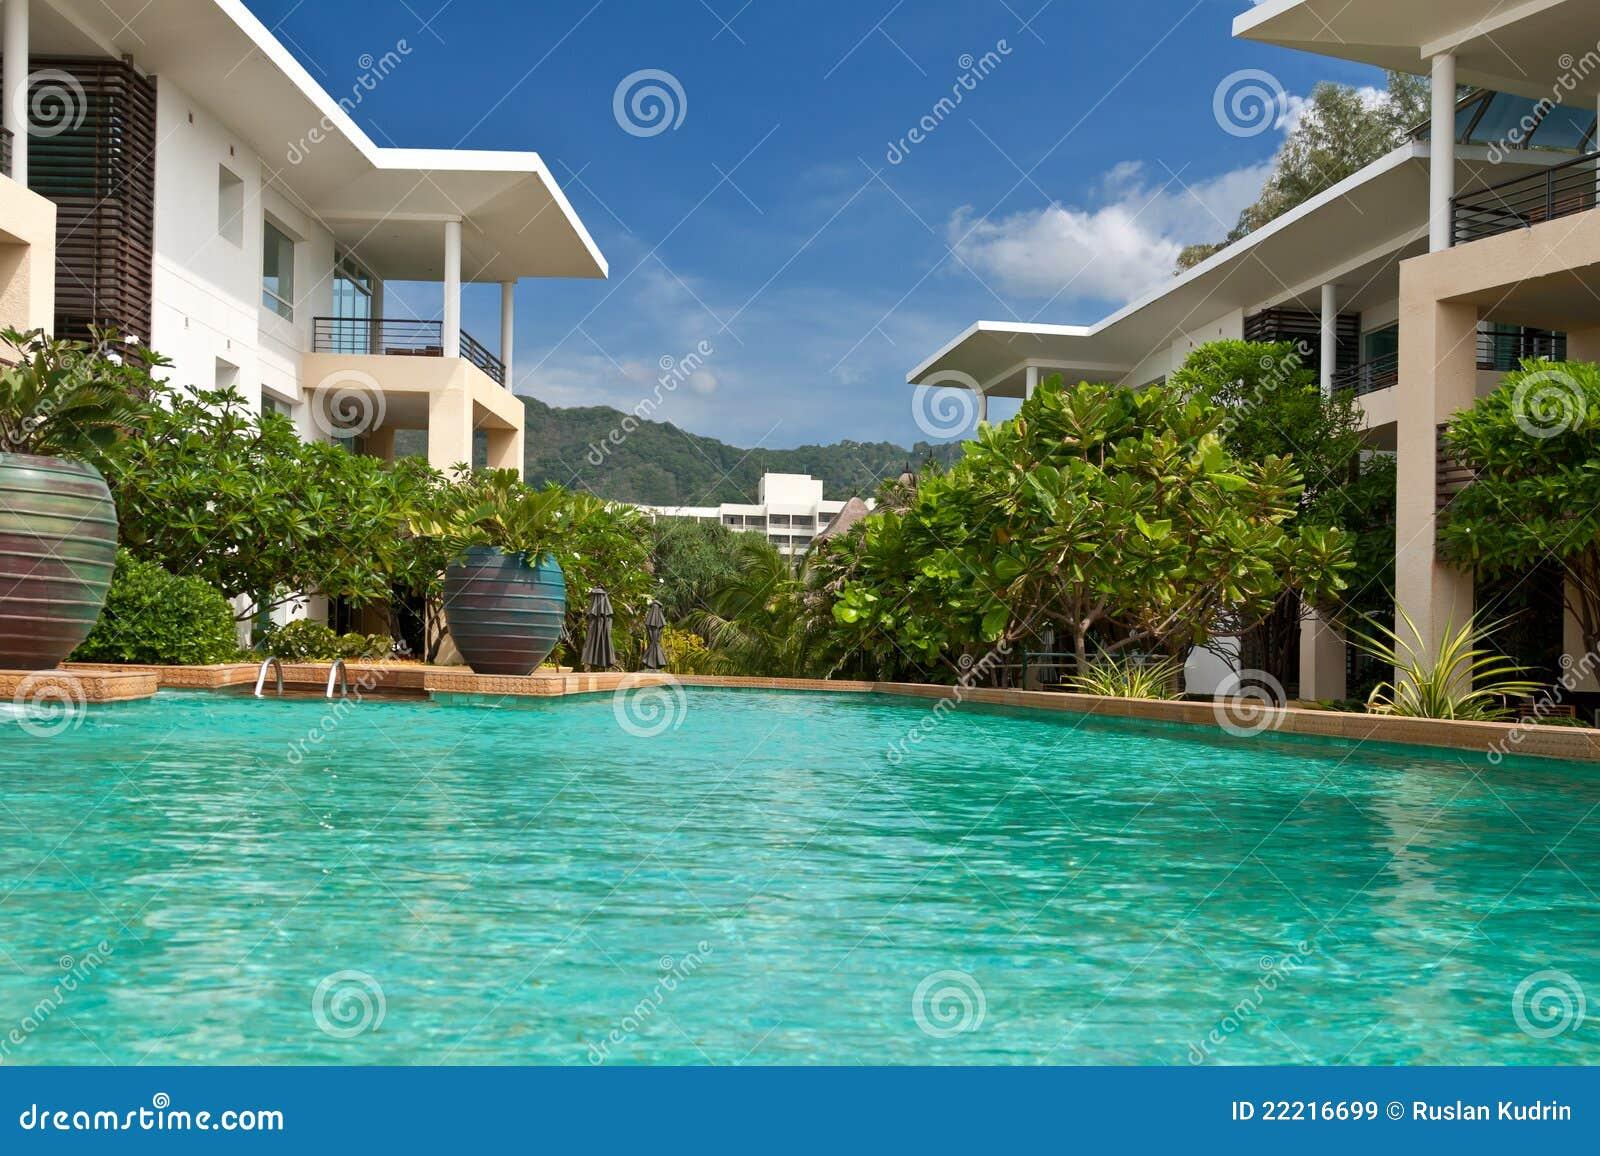 Hotel con la piscina cielo azul con las palmeras im genes de archivo libres de regal as imagen - Business plan piscina ...